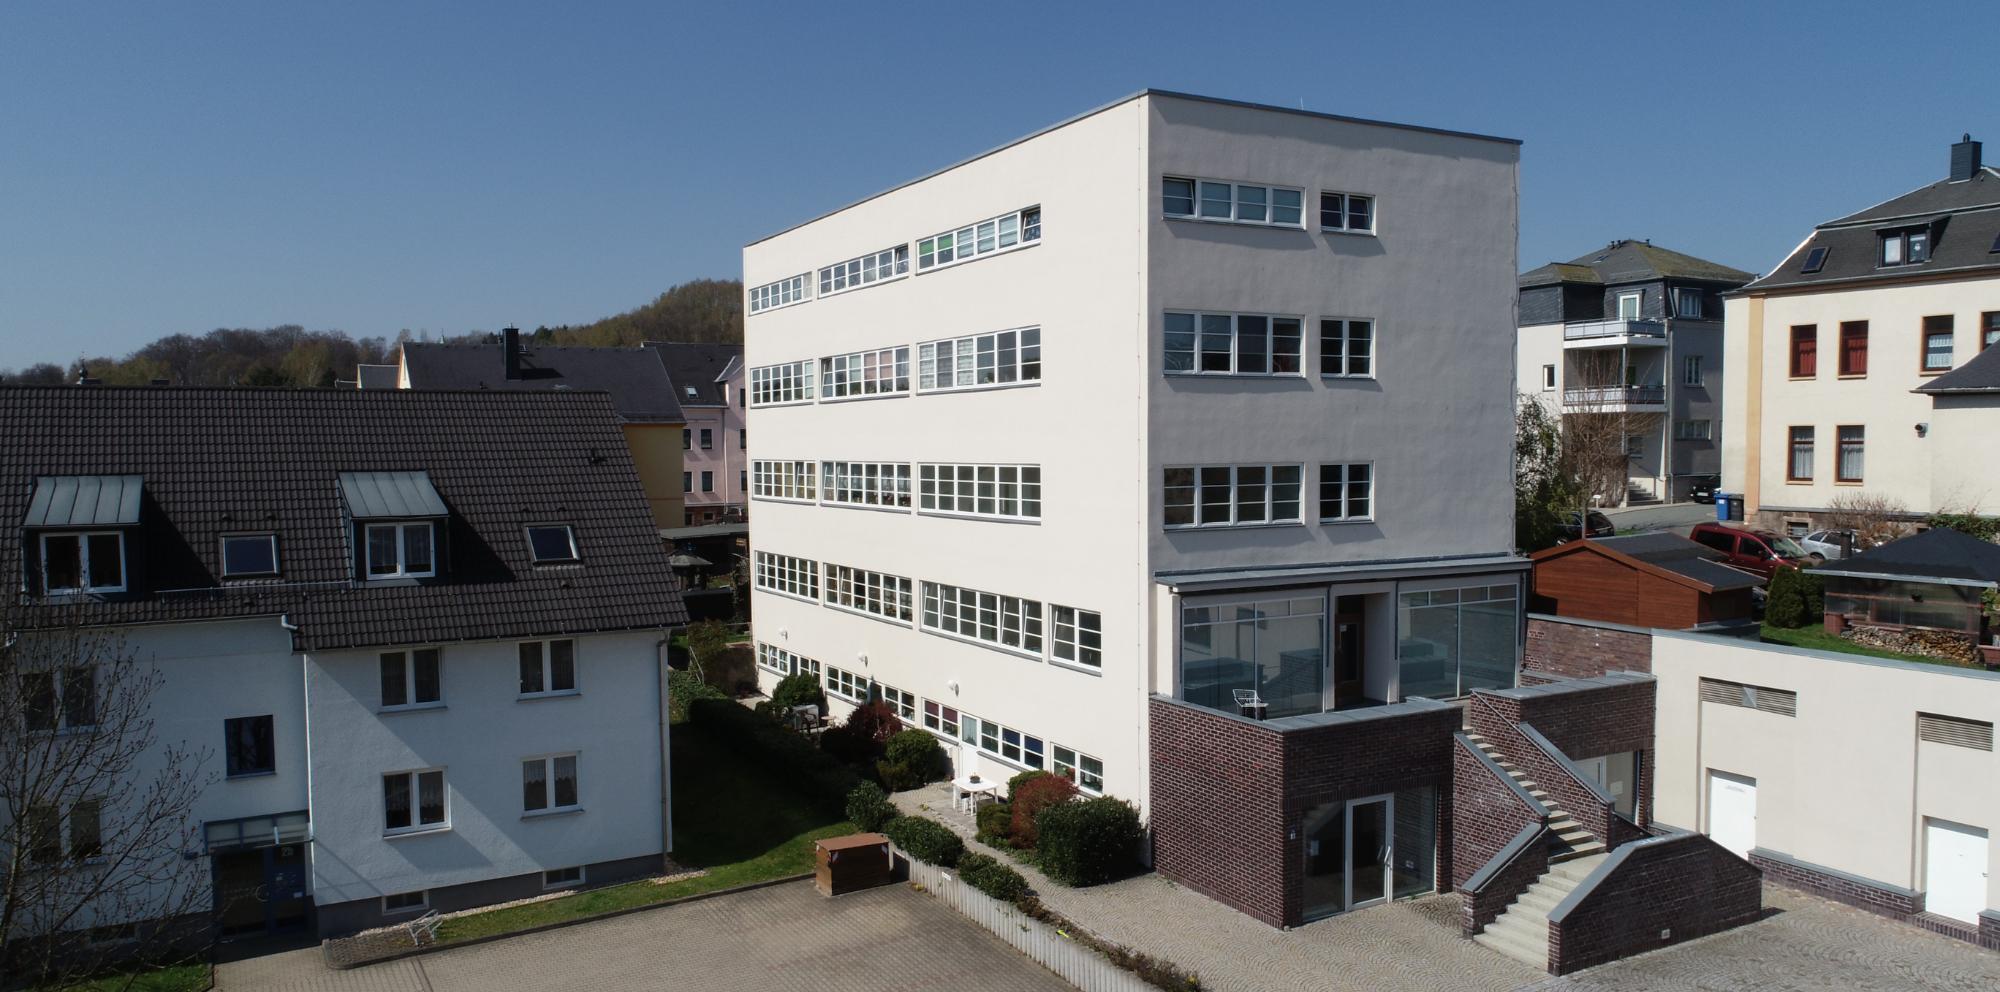 Ehemaliges Kaufhaus Schocken in Oelsnitz/Erzgeb.